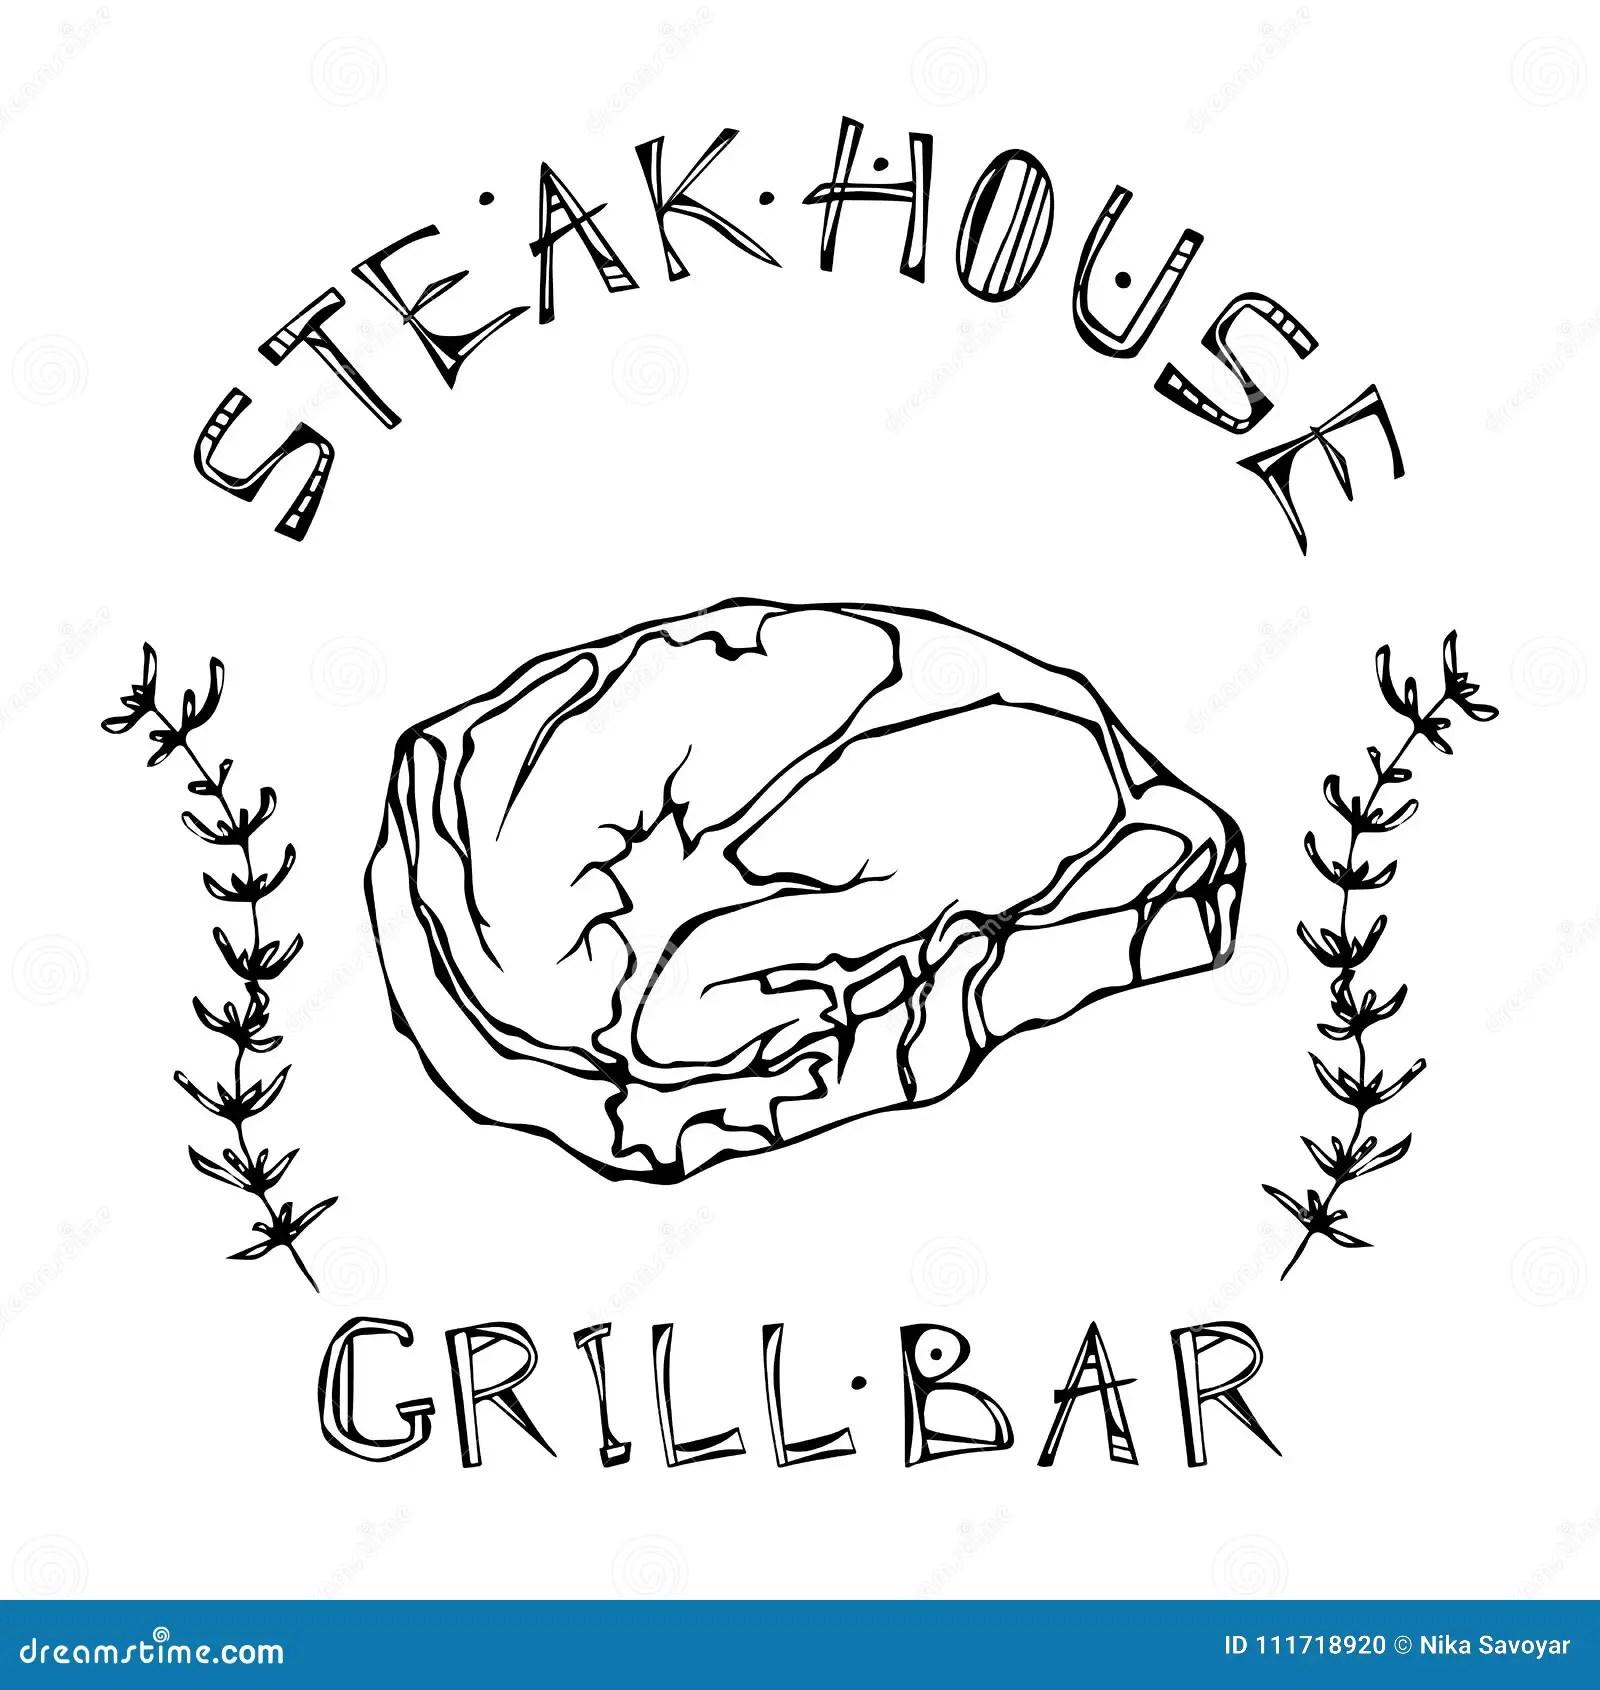 Steak House Or Grill Bar Logo Rib Eye Steak Beef Cut With